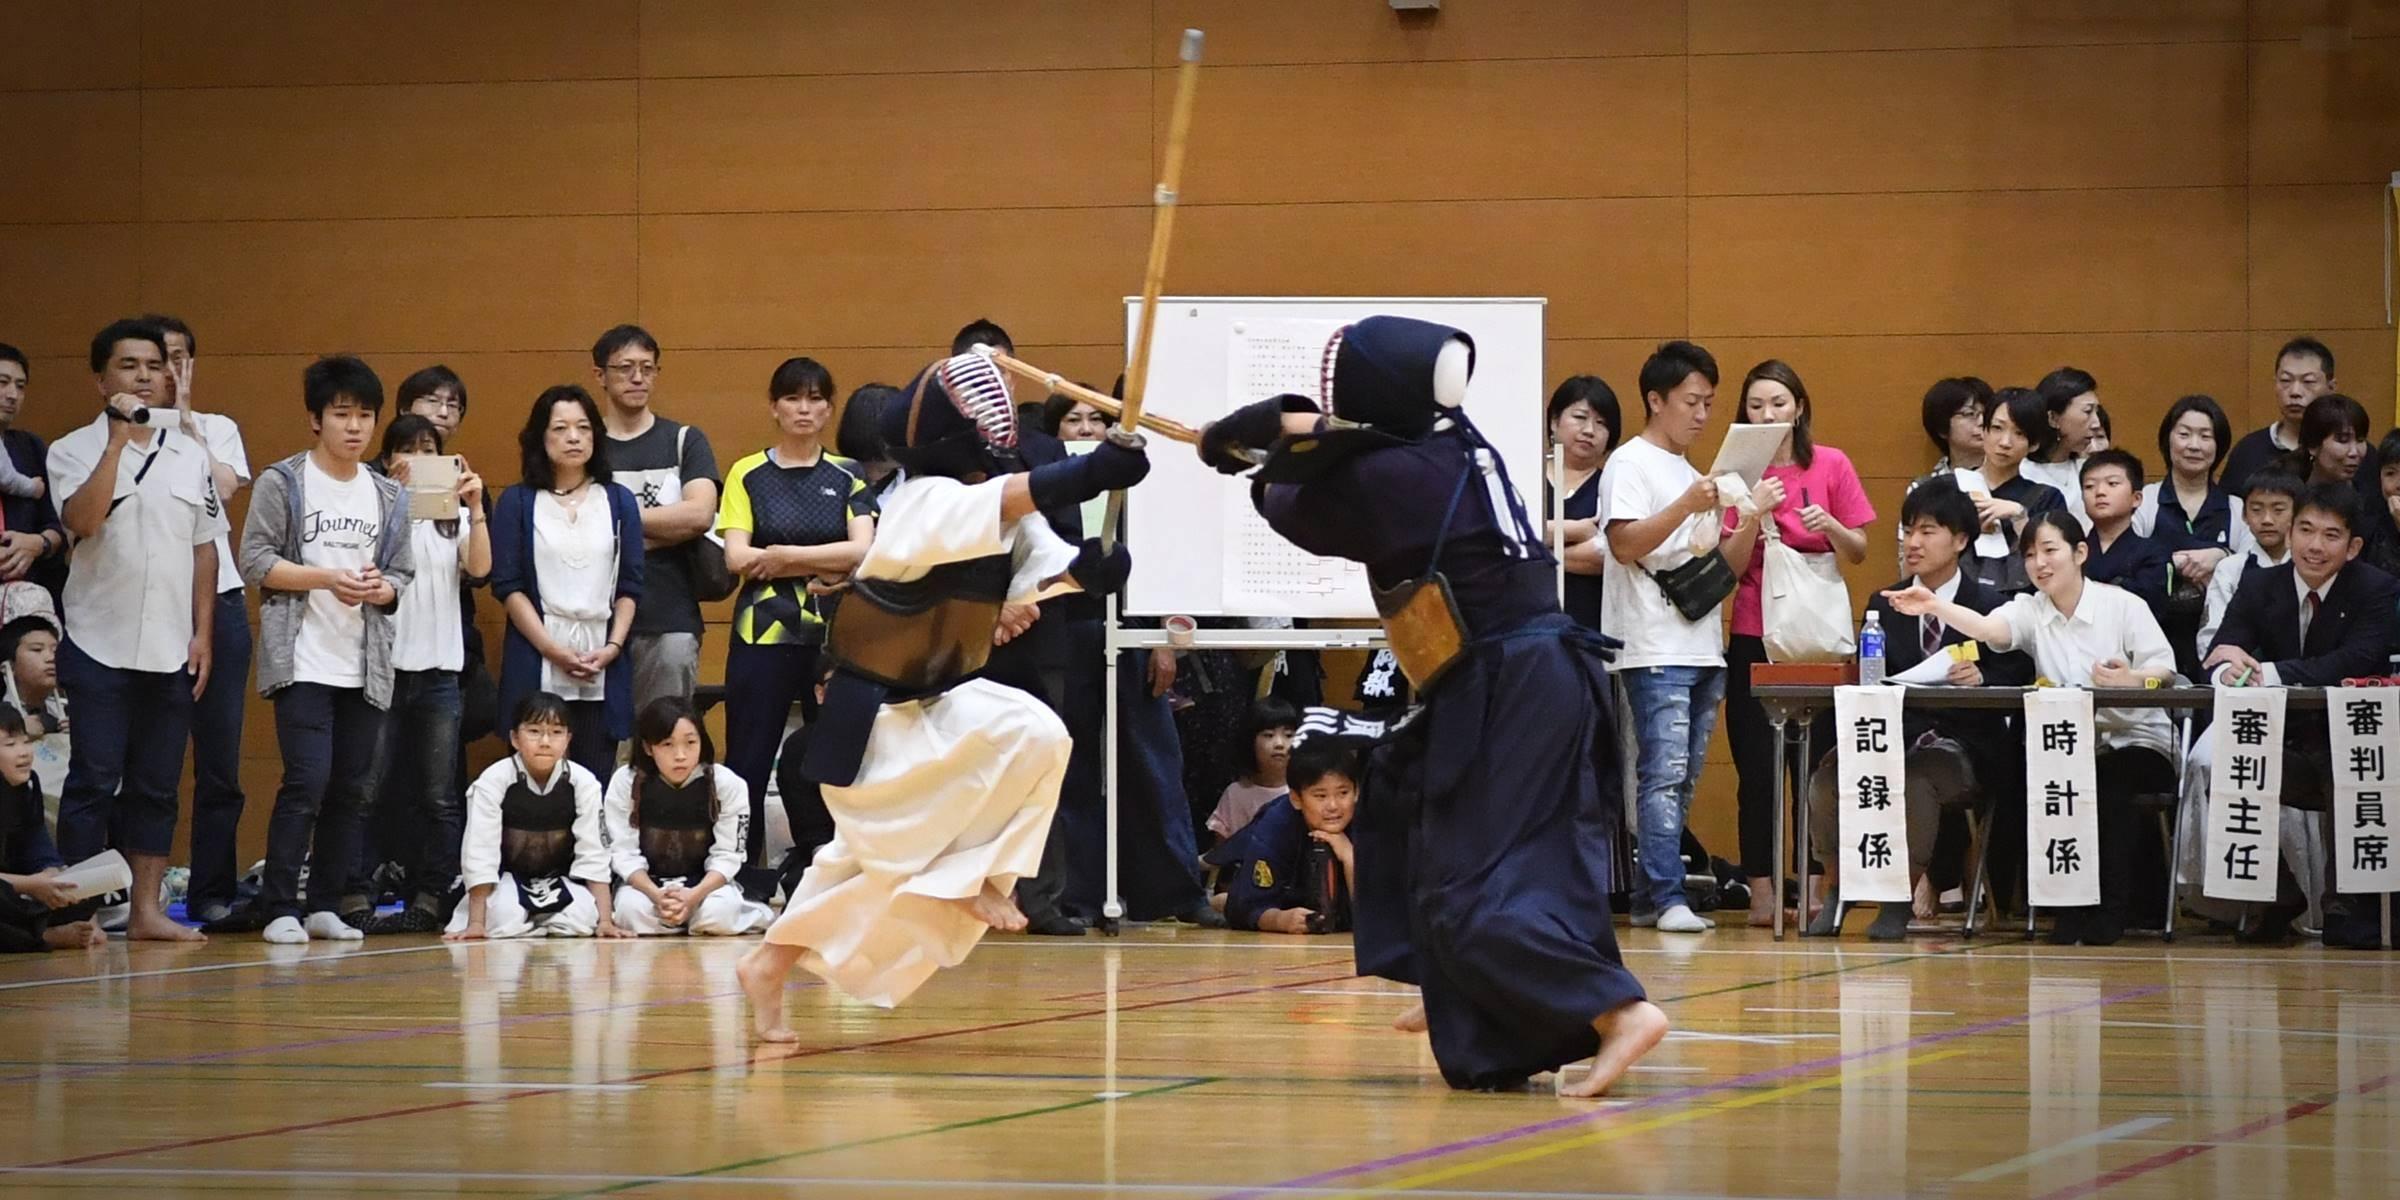 剣道を通じた青少年の志気昇揚と